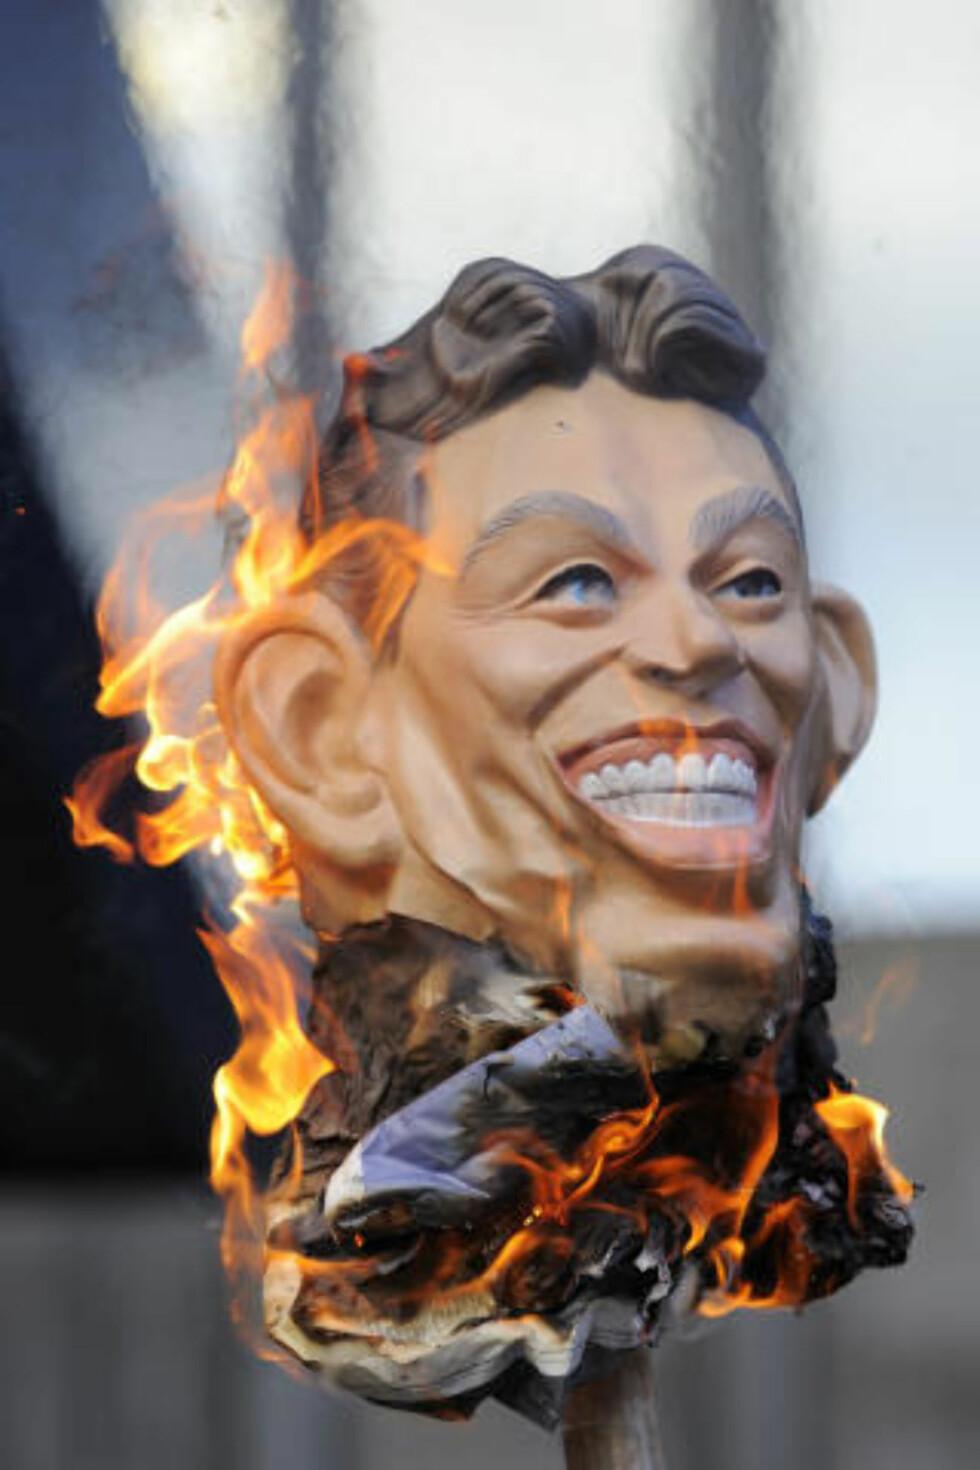 KRIGSMOTSTAND: Tony Blair, her i dokkeform under en demonstrasjon utenfor lokalene hvor Chilcot-høringen finner sted, hadde god kjennskap til at Saddam ikke hadde kjemiske våpen, sa Sir John Scarlett i går. Foto: TOPSHOTS/AFP PHOTO/ Frantzesco Kangaris/Scanpix